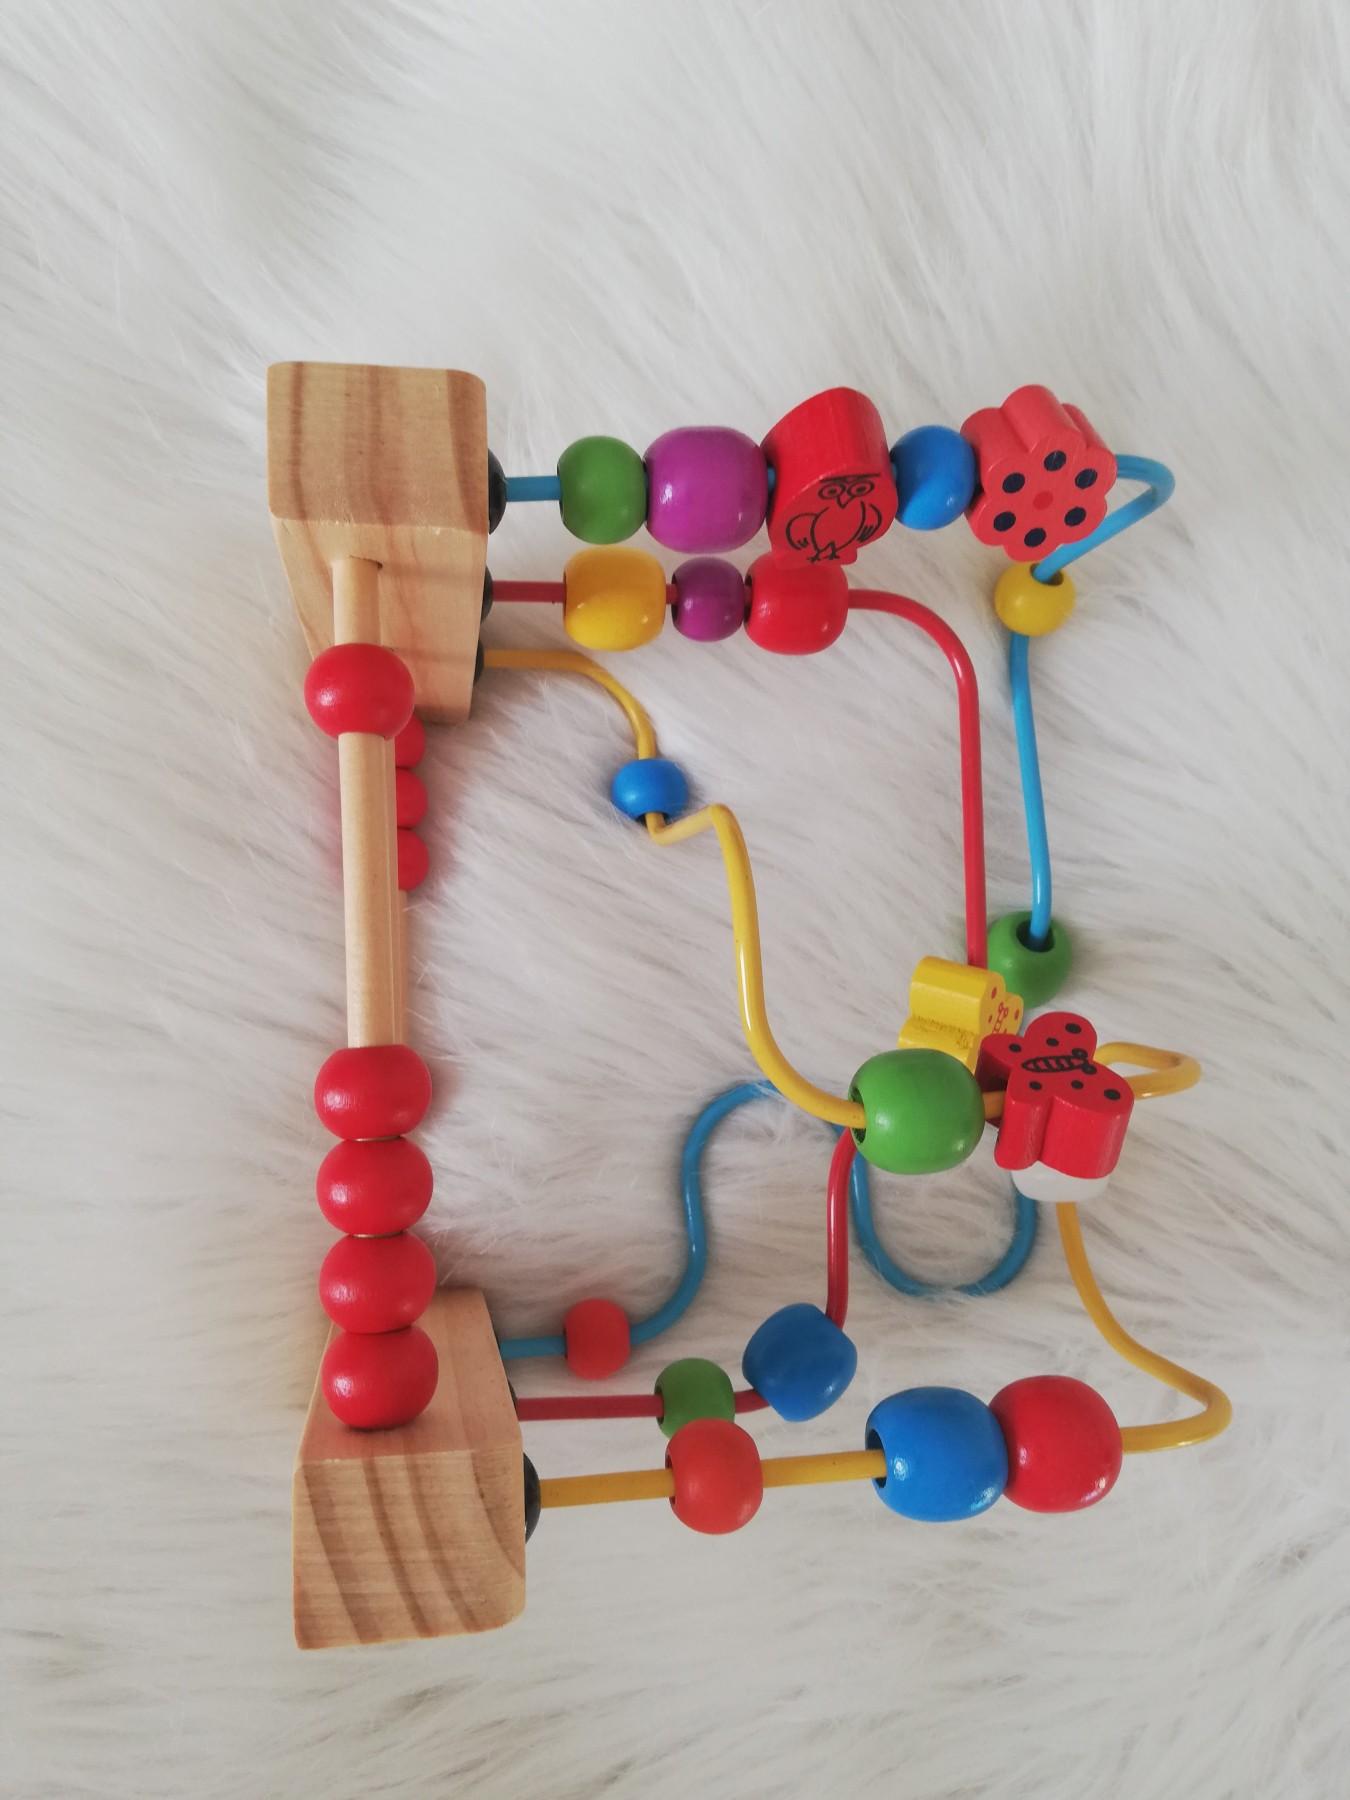 Circuit de motricité en bois